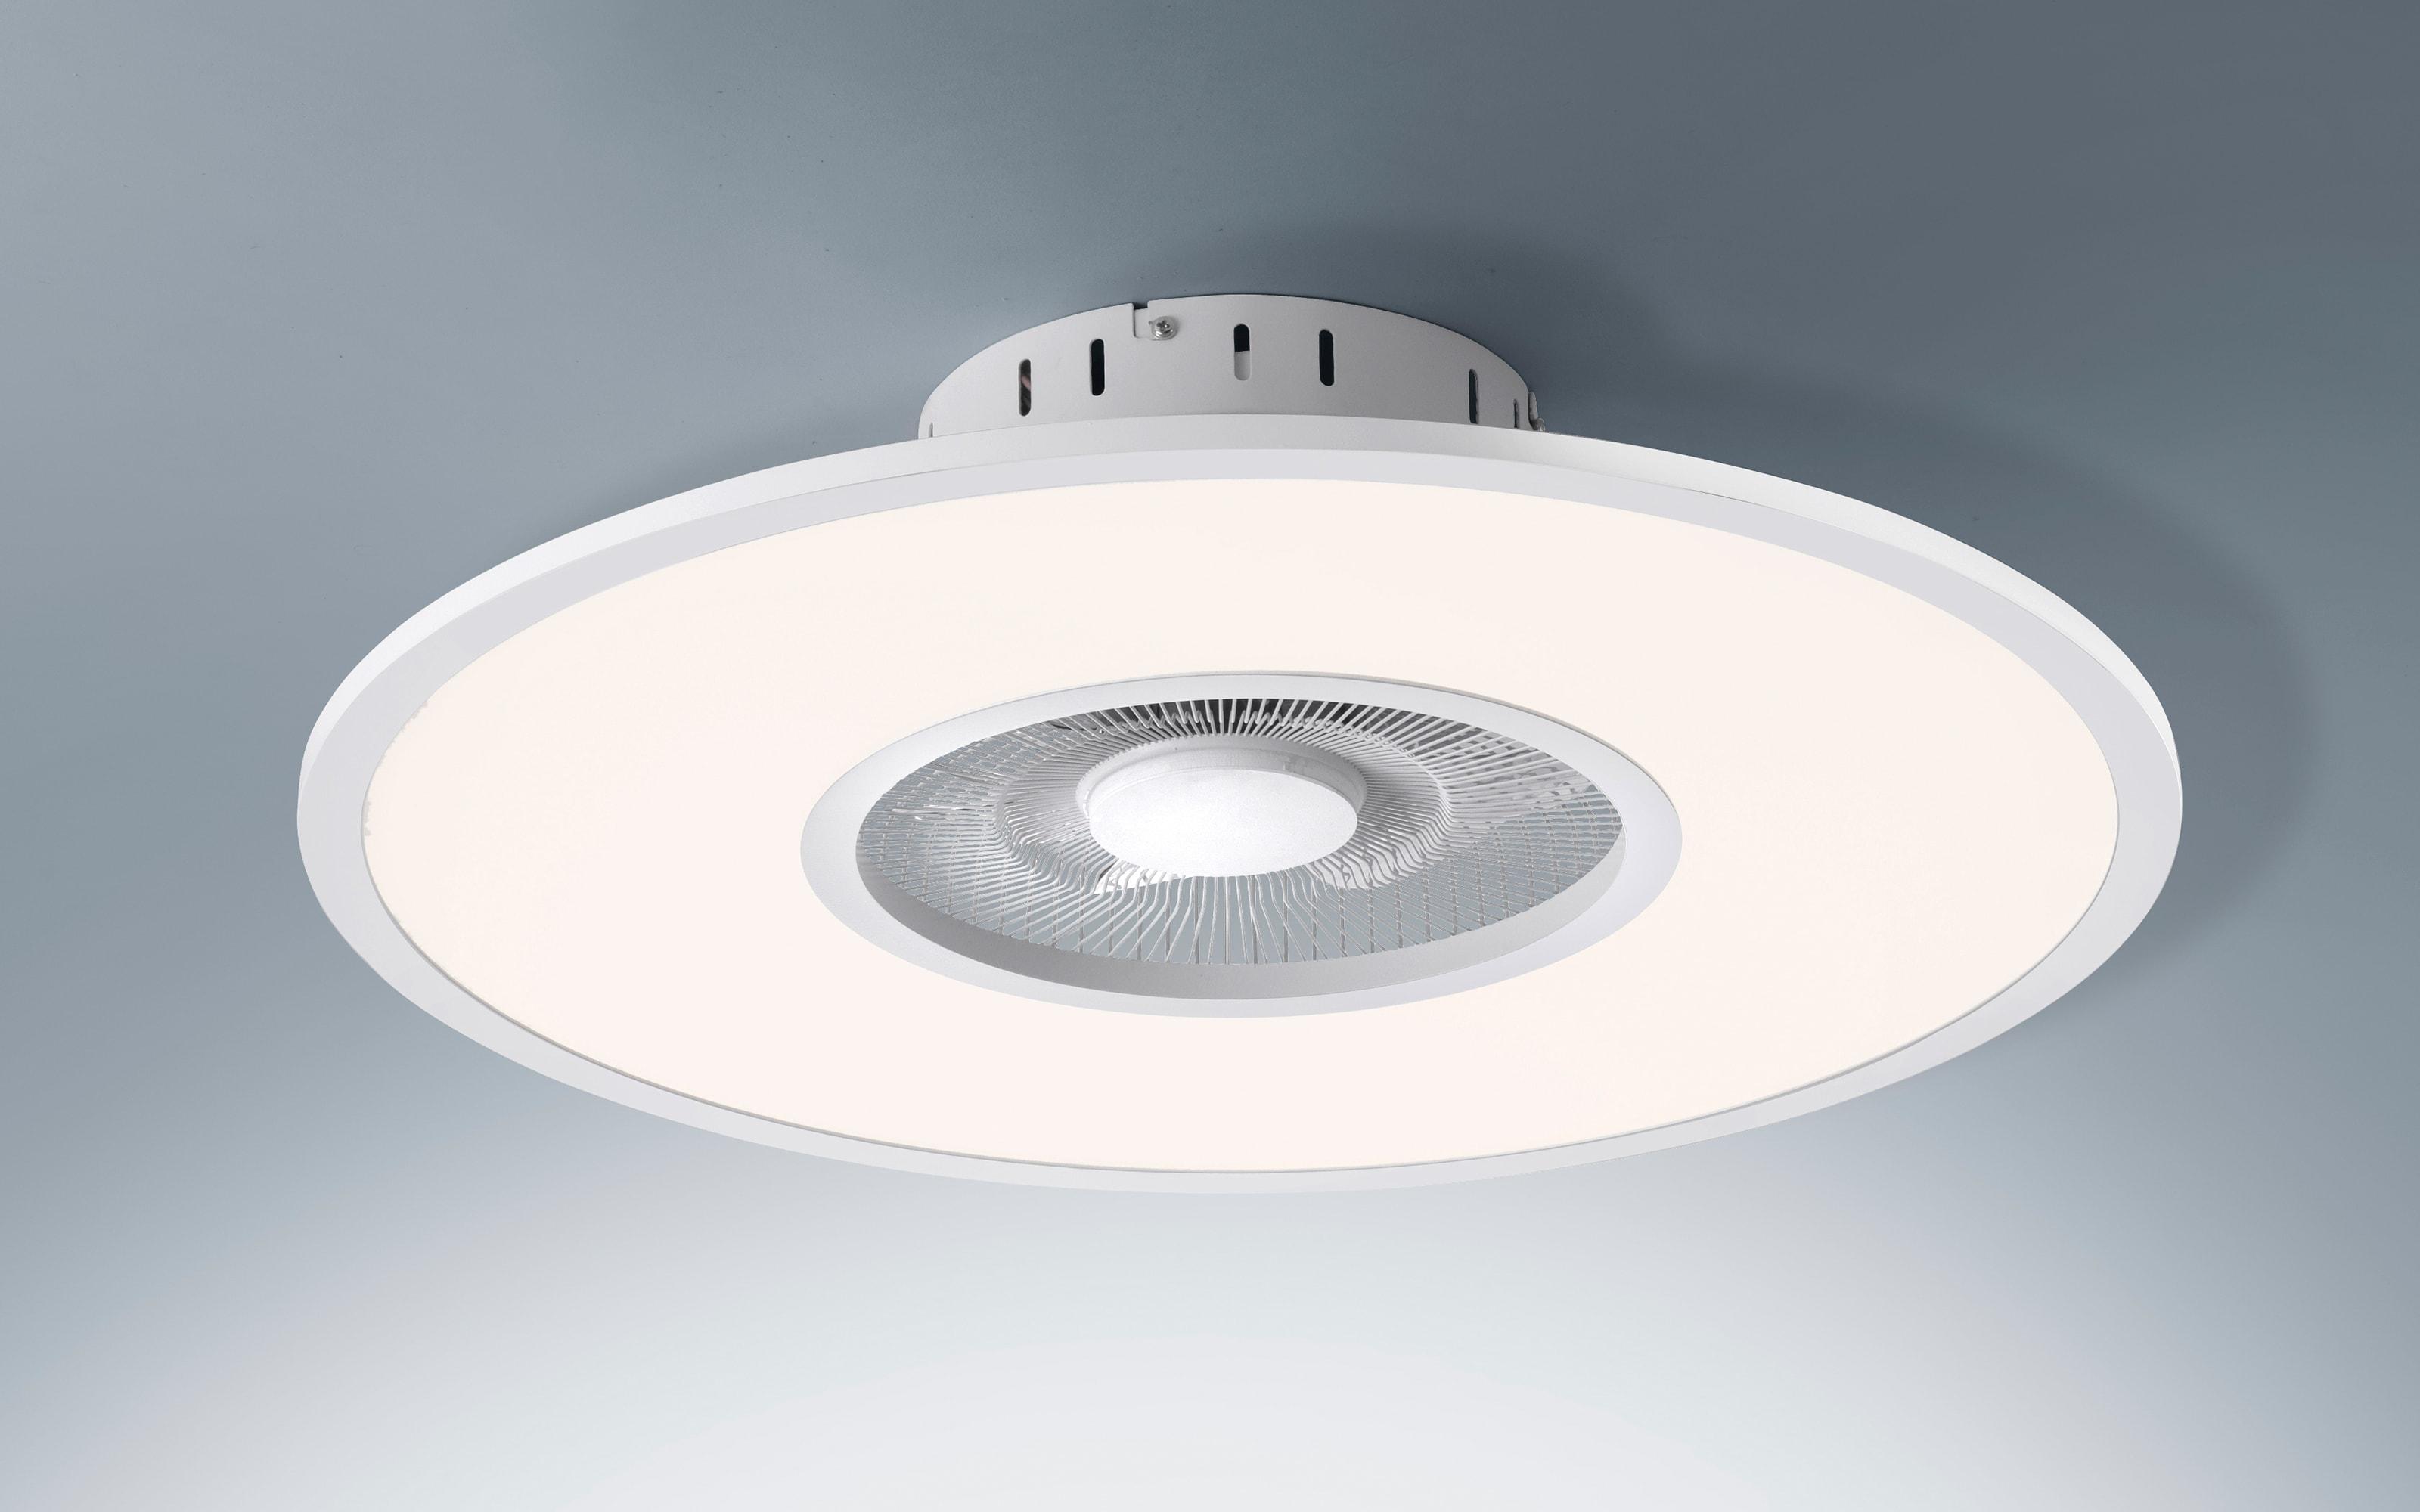 LED-Deckenleuchte/Ventilator Flat-Air CCT in weiß, 59,5 cm